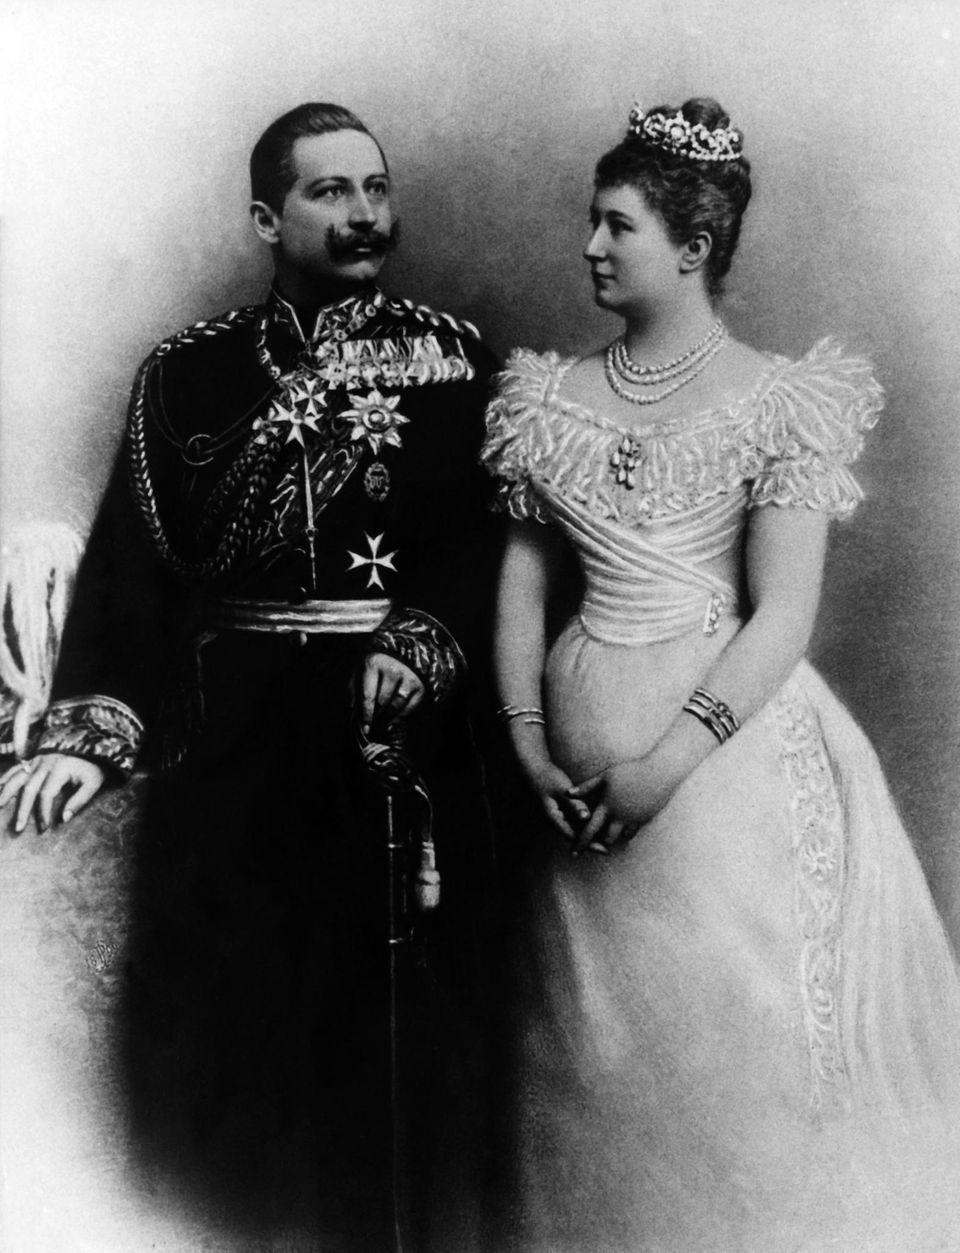 Hochzeitsbild von Kaiser Wilhelm II. und Kaiserin Auguste Victoria (Aufnahmedatum unbekannt)